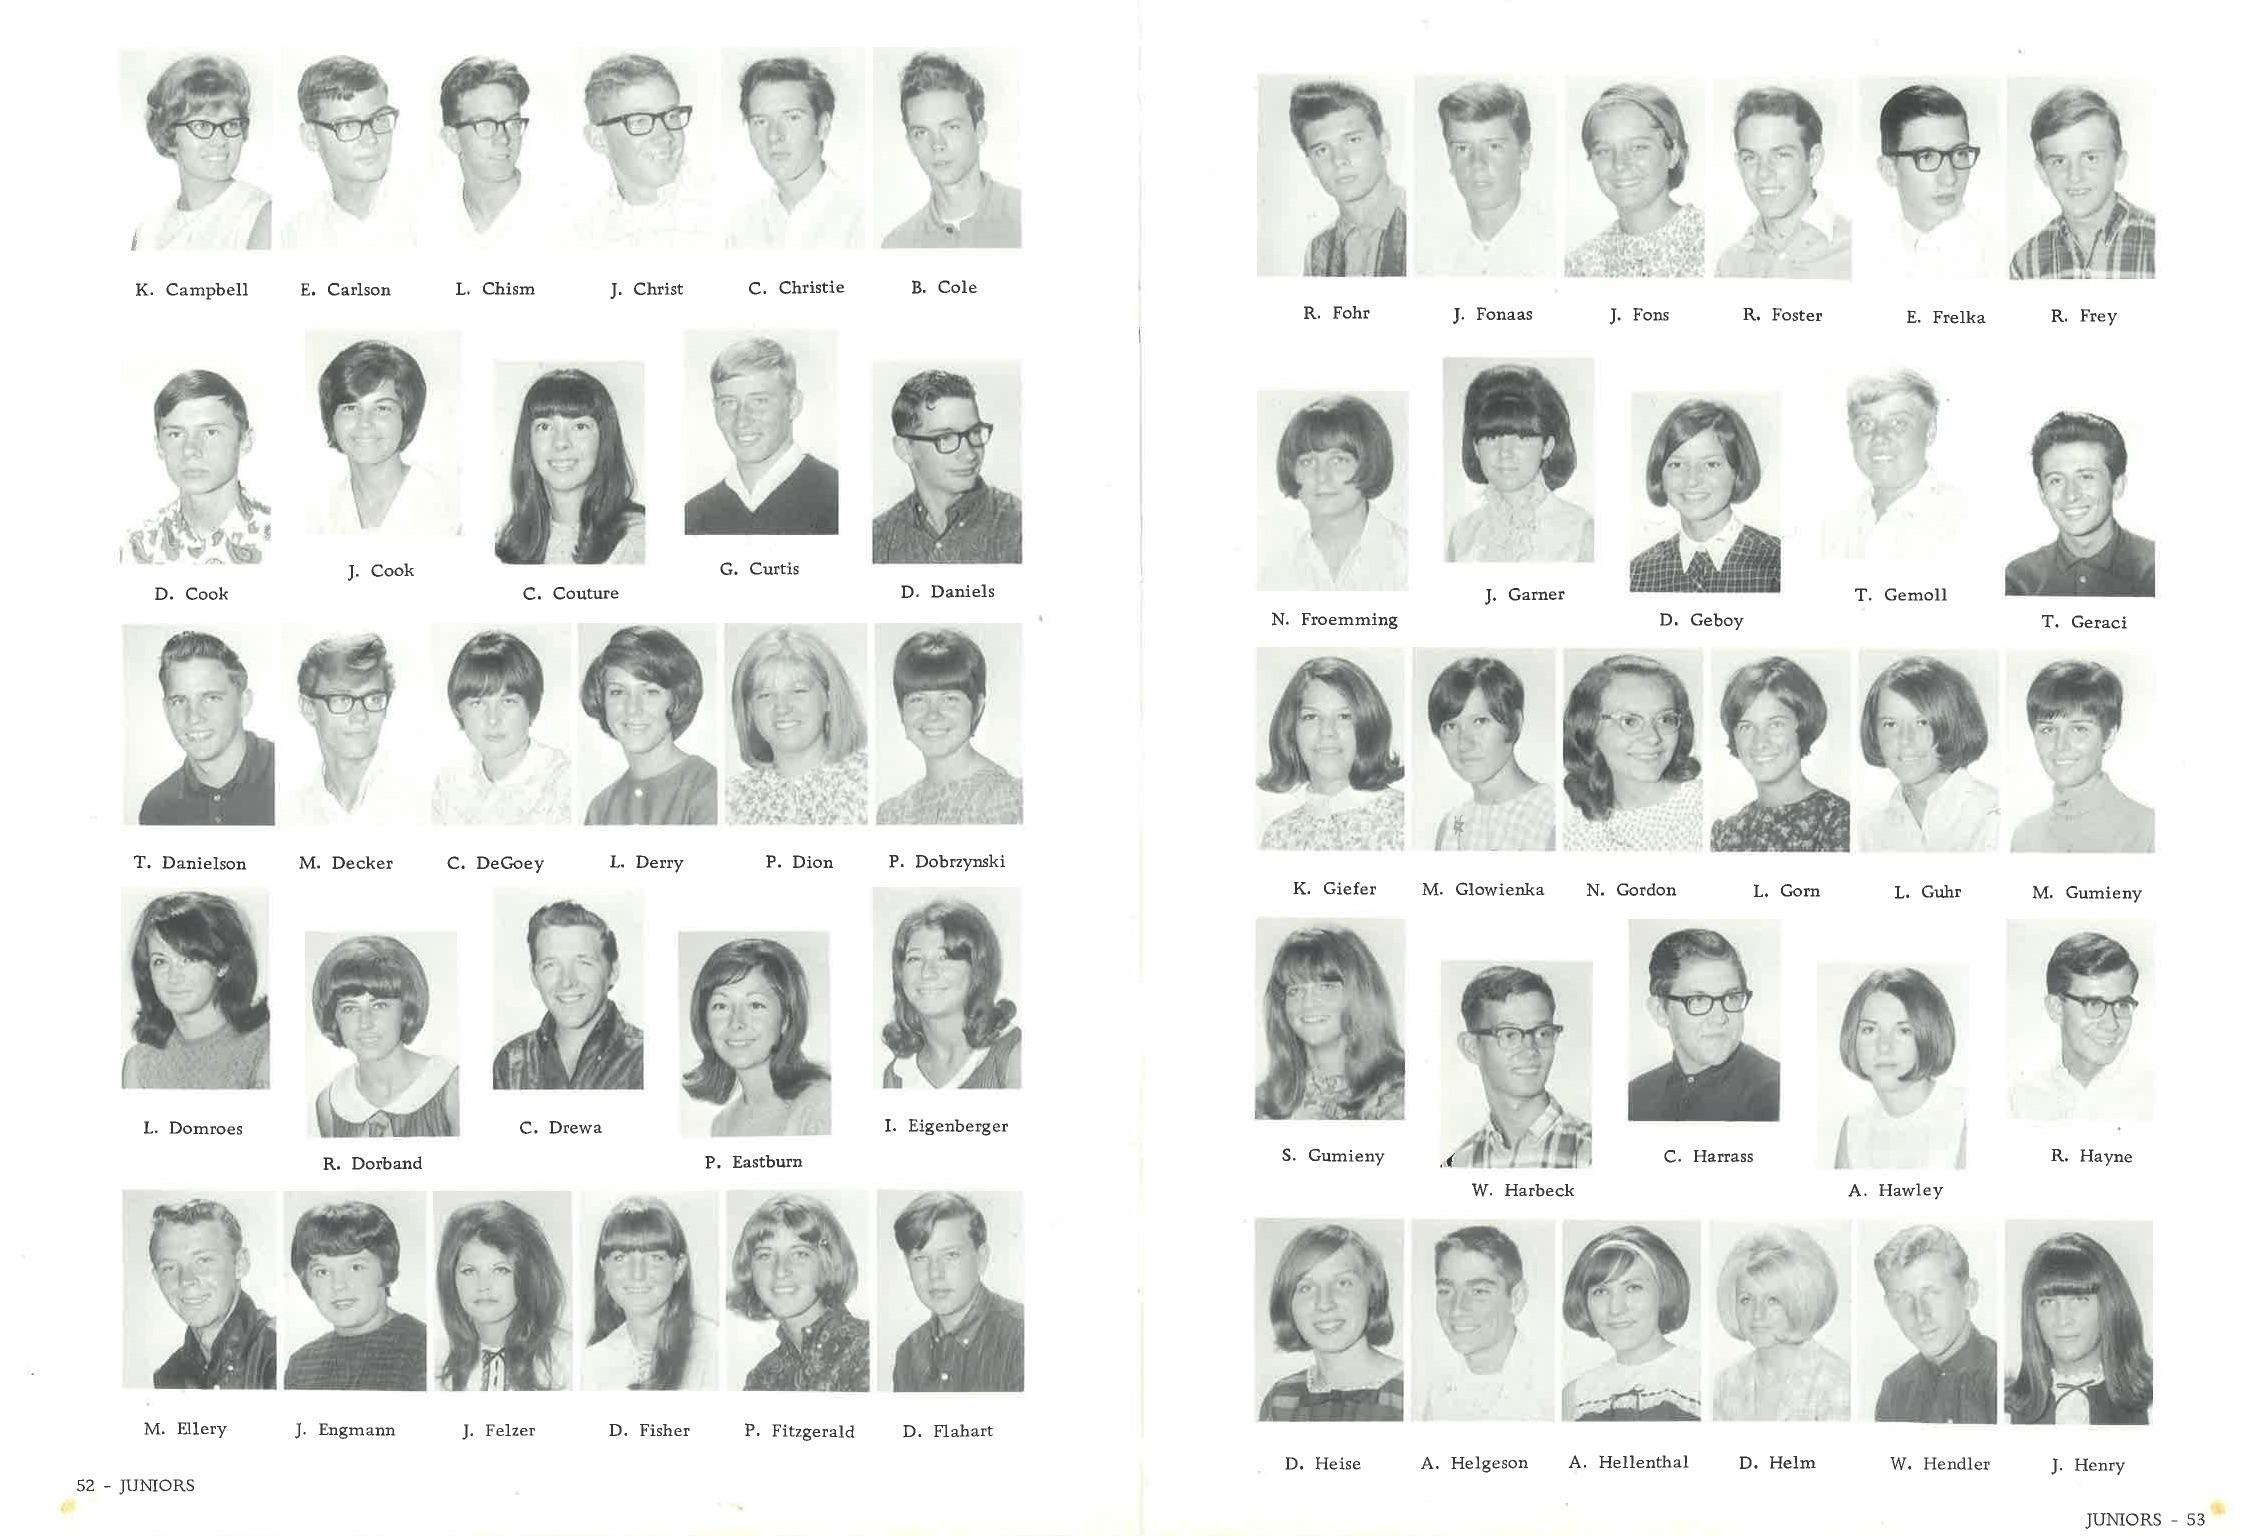 1968_Yearbook_27.jpg